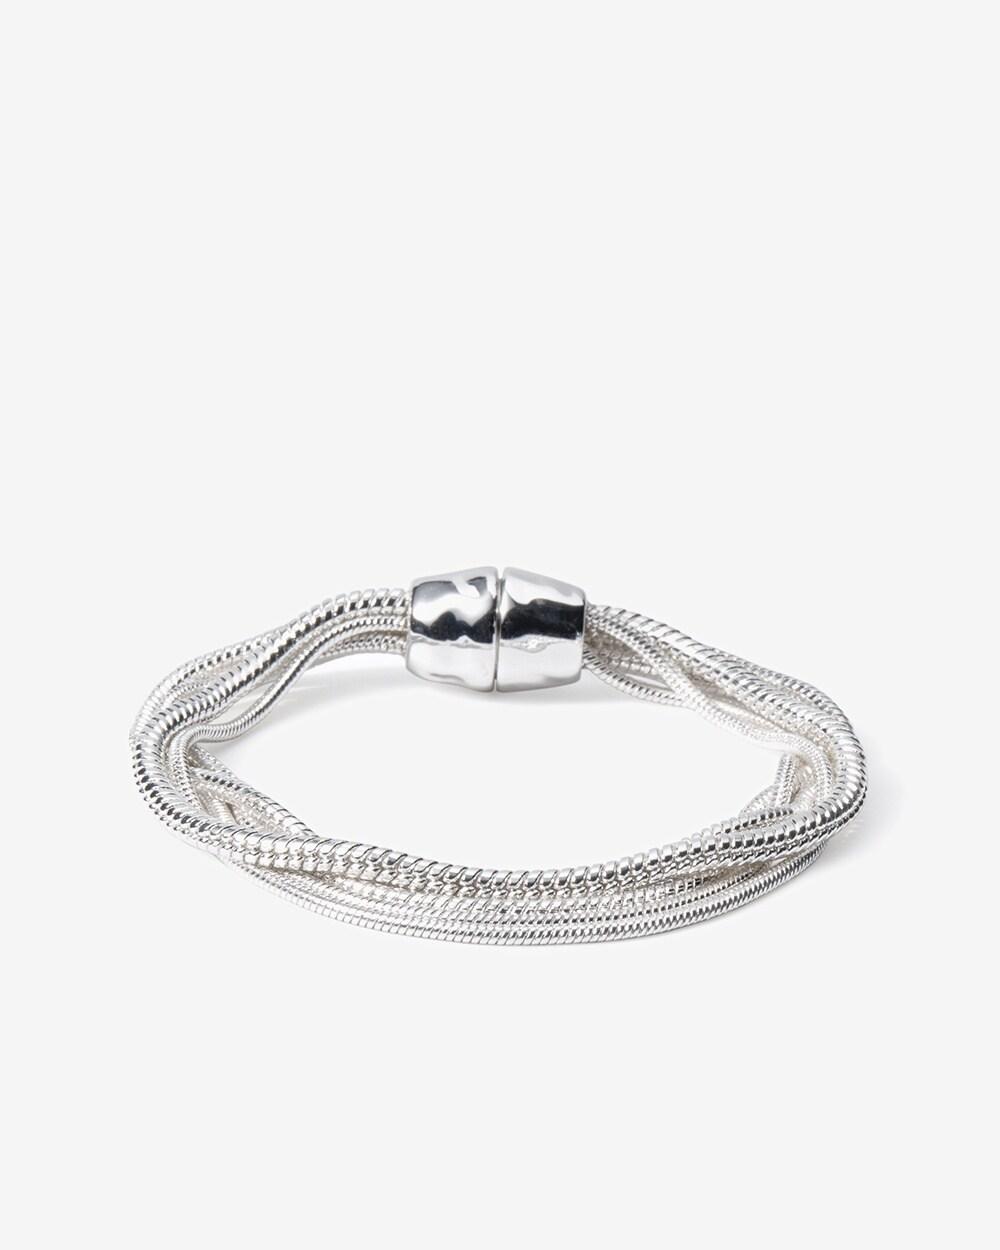 Cascading Snake Chain Bracelet